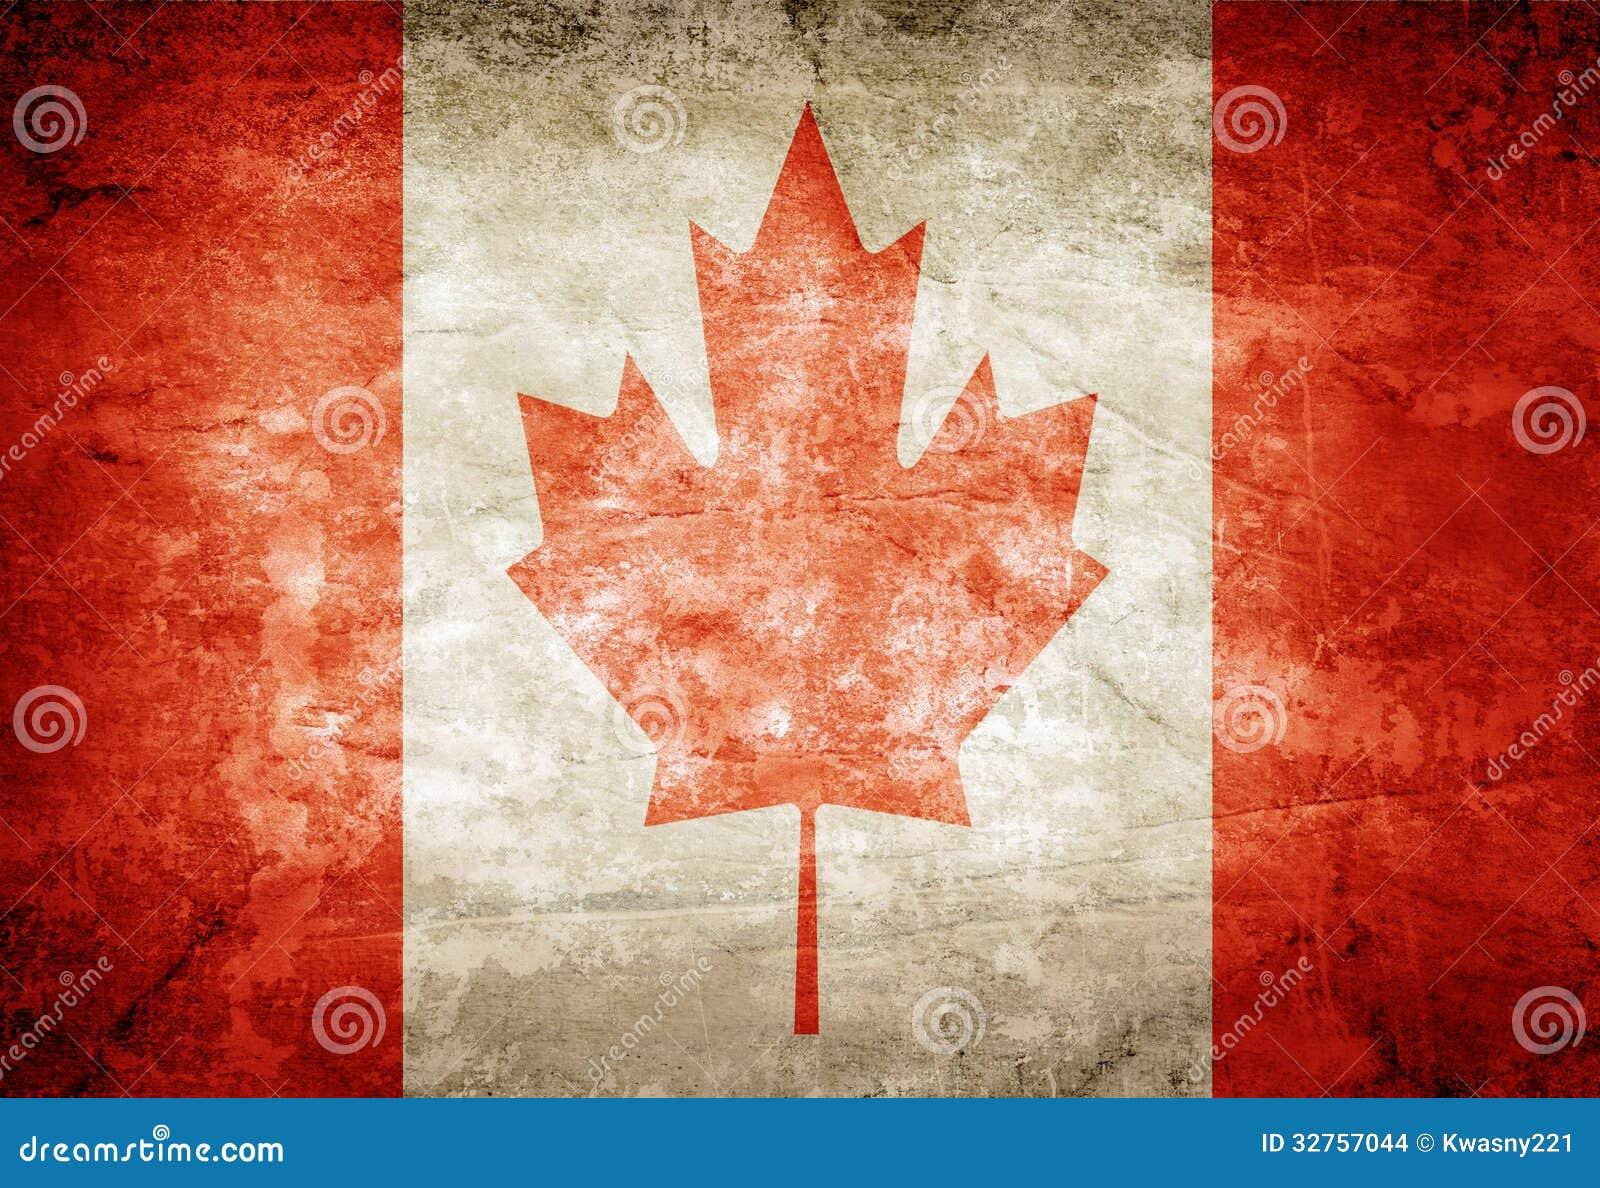 Bandera de Canadá foto de archivo. Imagen de lona, patriotismo ...